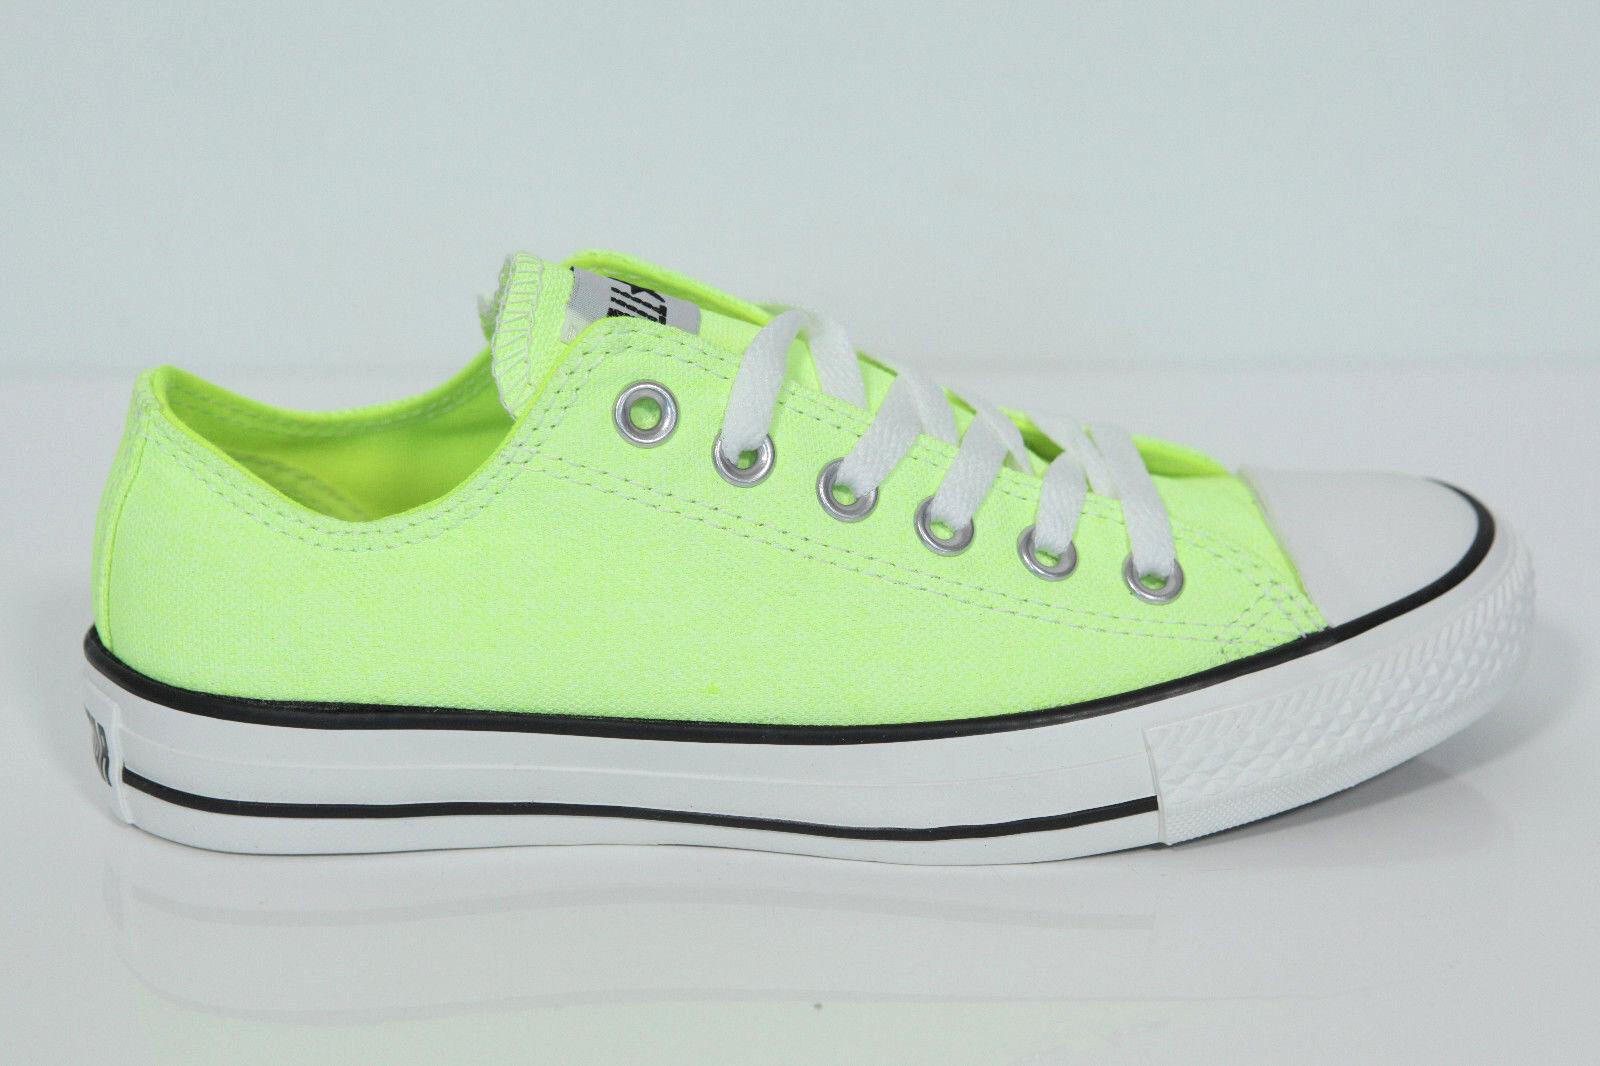 Neu Converse Chucks All CT Star low CT All OX Neon Amarillo Sneaker 136585C Retro 87b30c